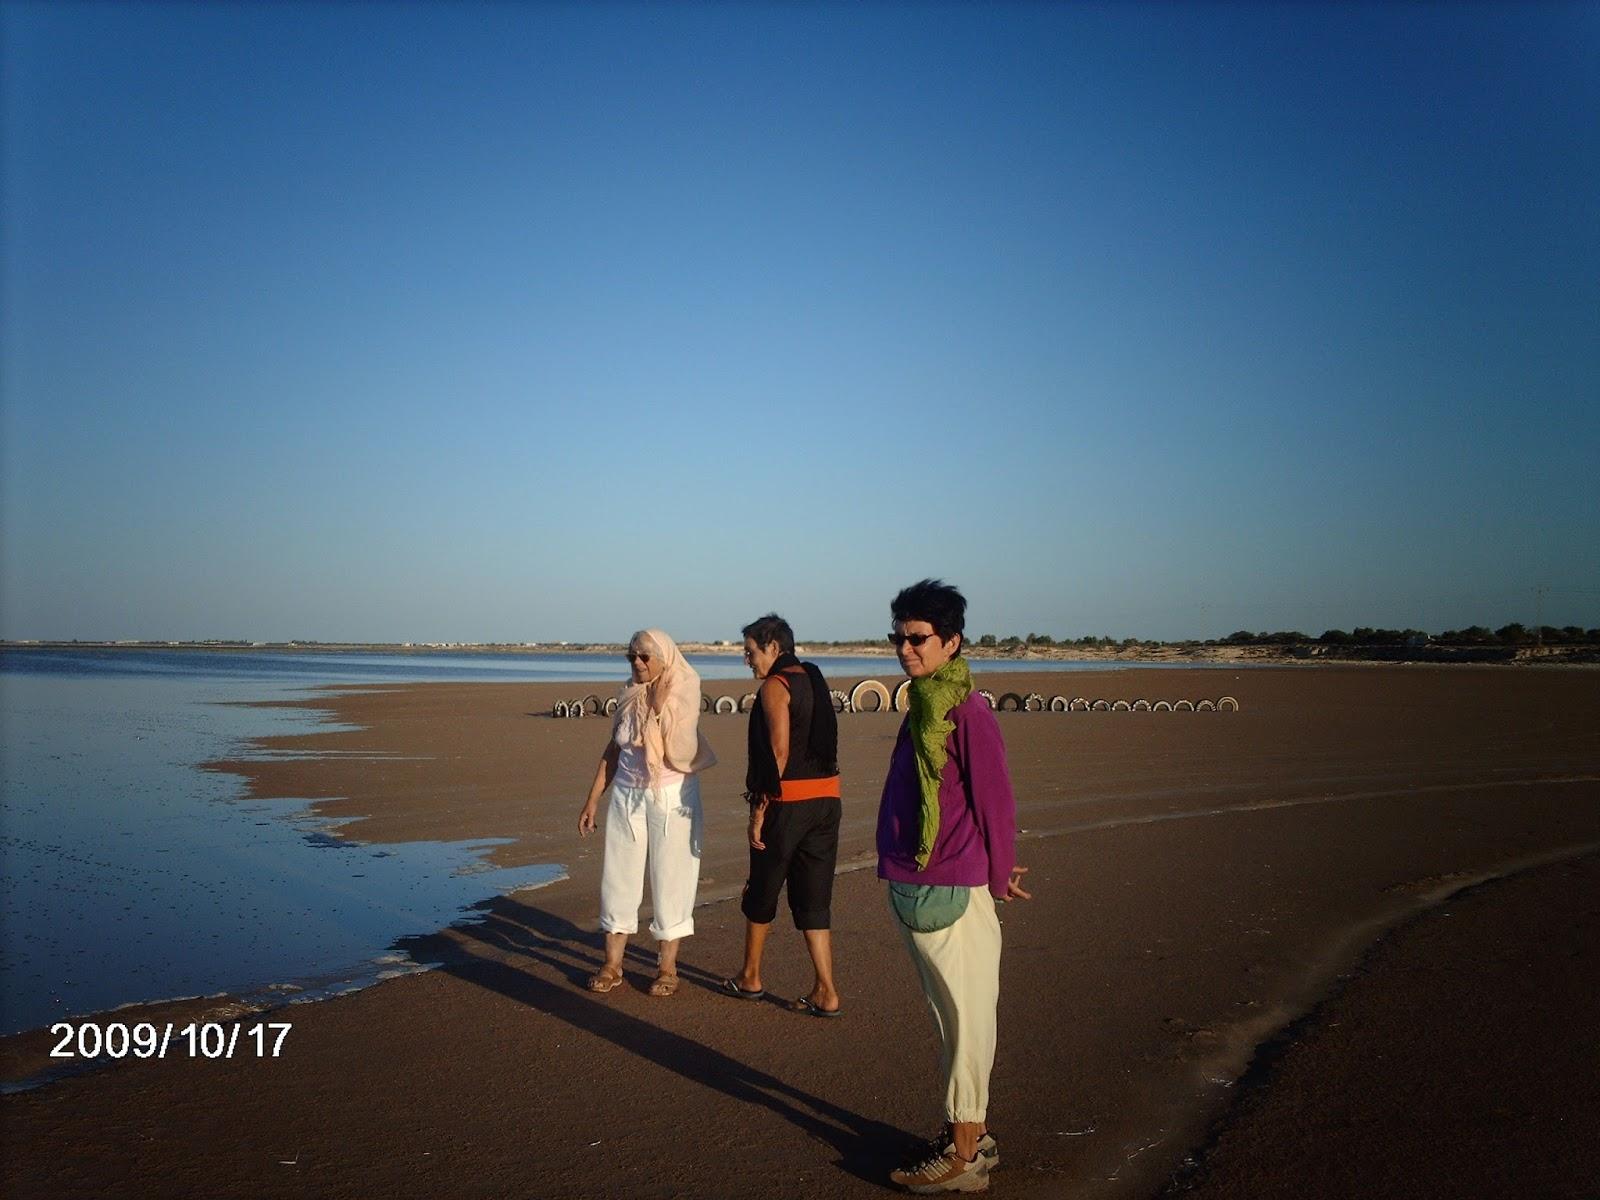 Societe le bureau zarzis tunisie les ordures menacent le tourisme